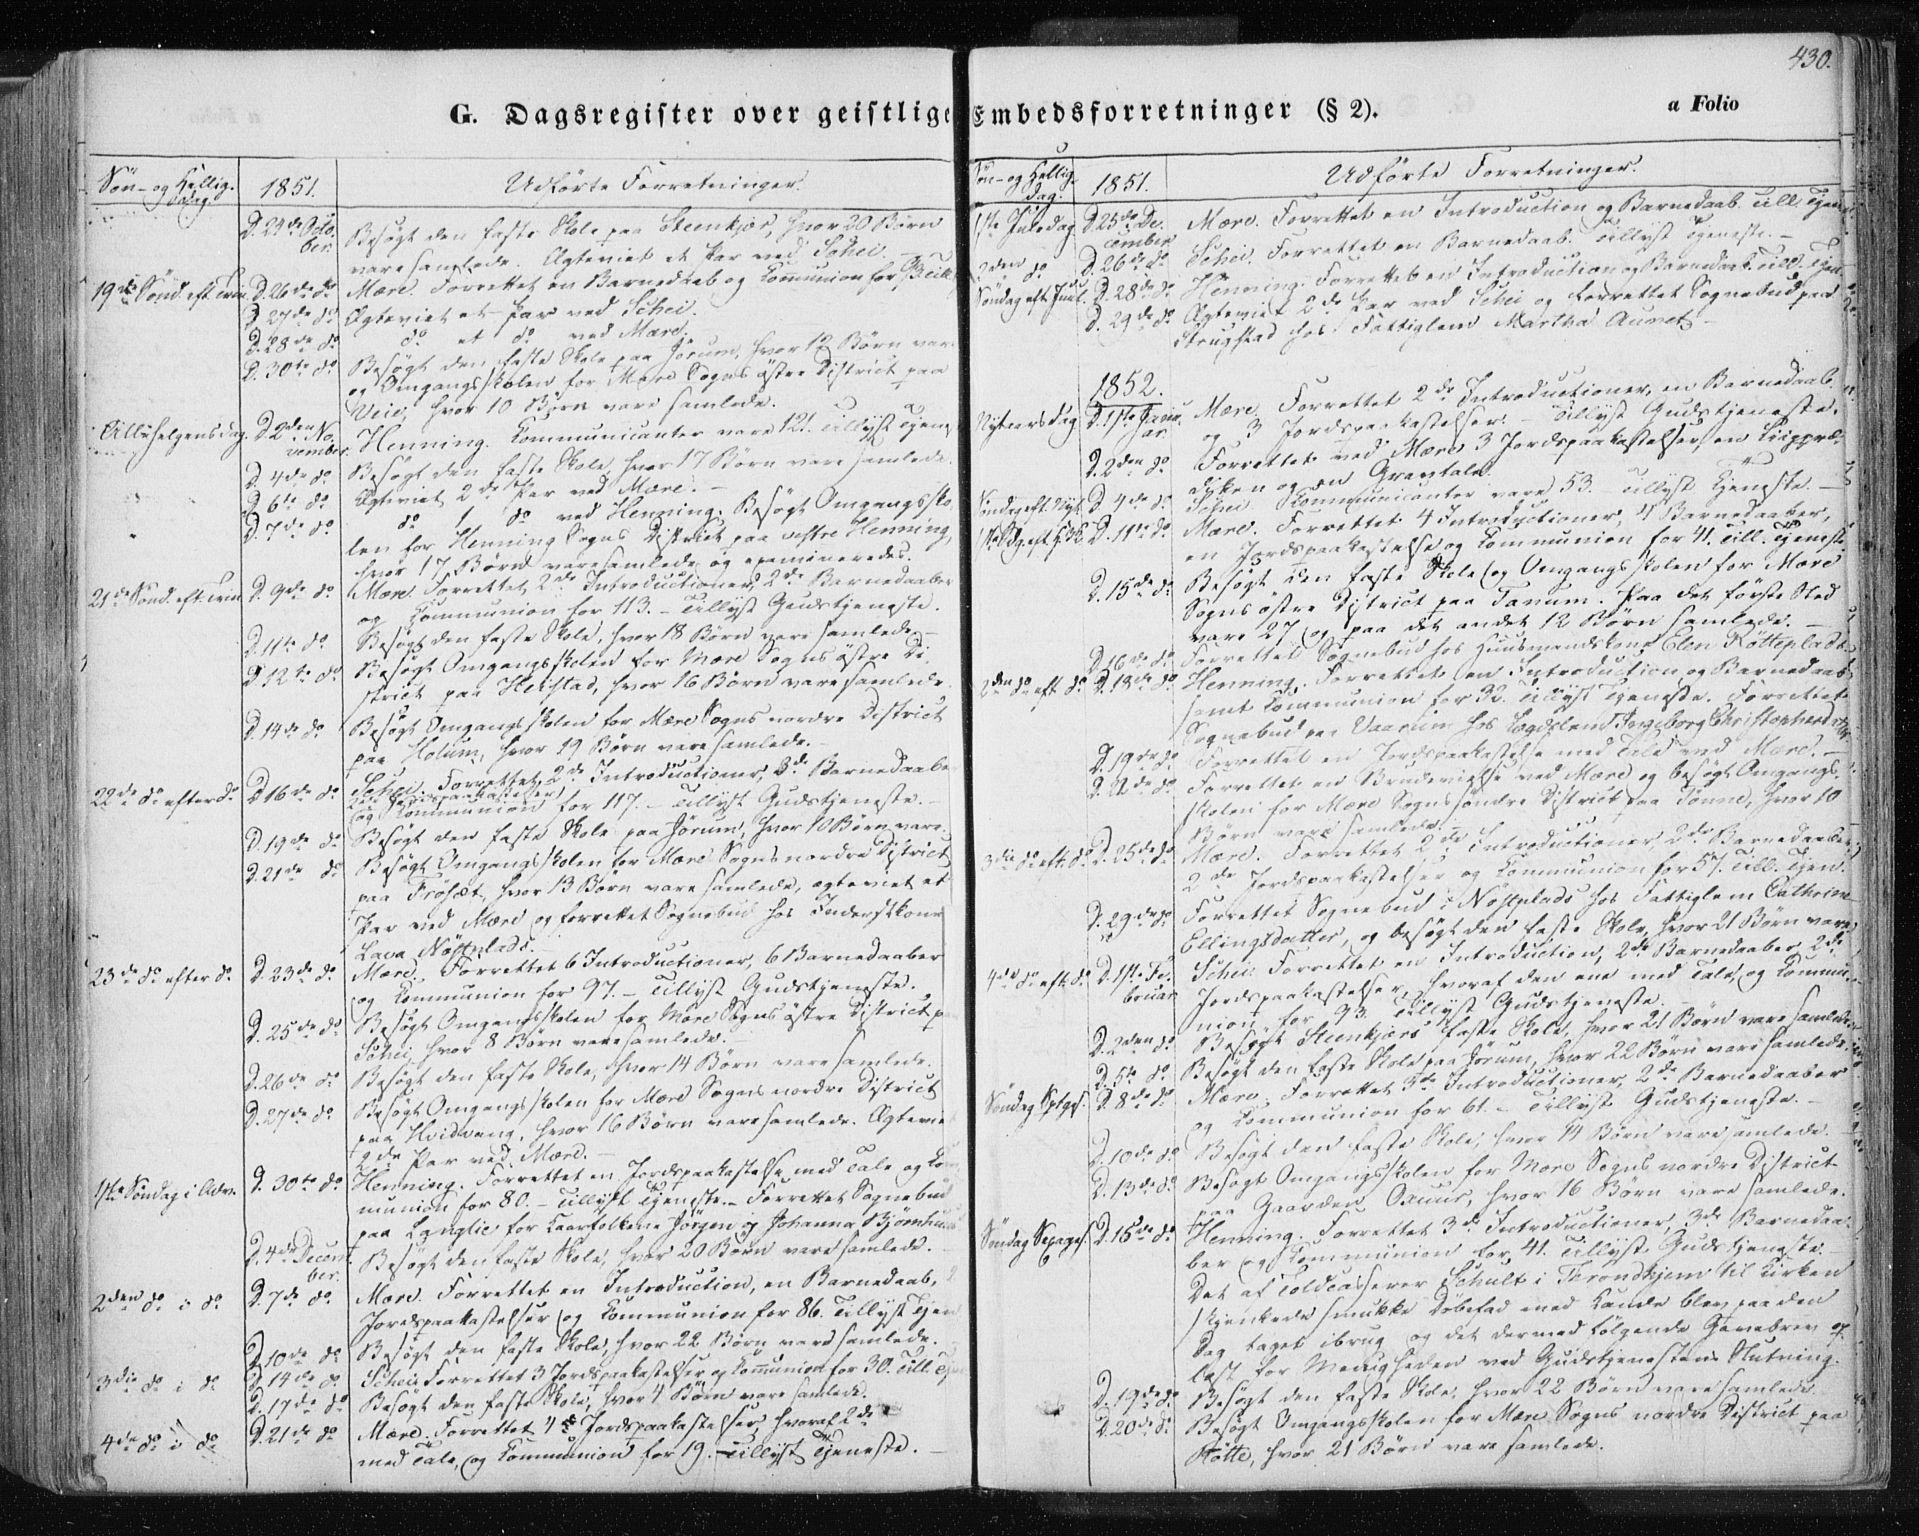 SAT, Ministerialprotokoller, klokkerbøker og fødselsregistre - Nord-Trøndelag, 735/L0342: Ministerialbok nr. 735A07 /1, 1849-1862, s. 430